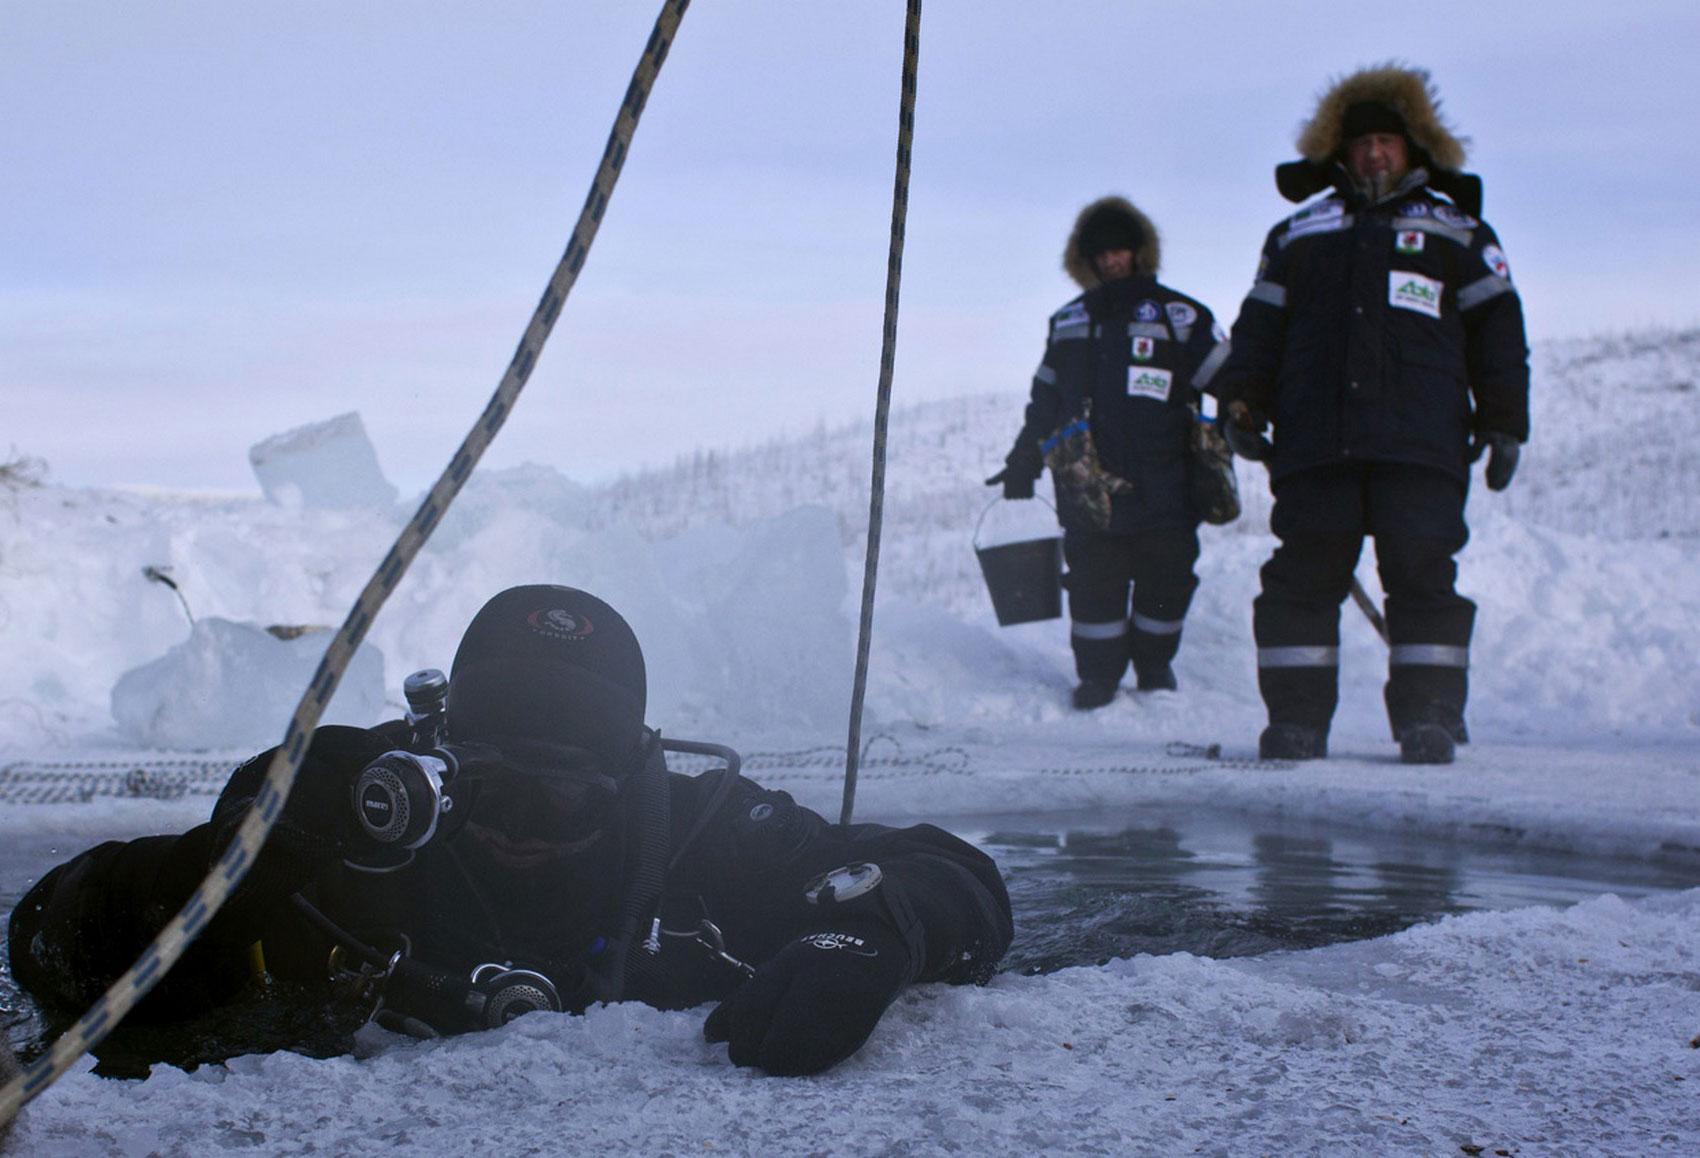 аквалангист зимой